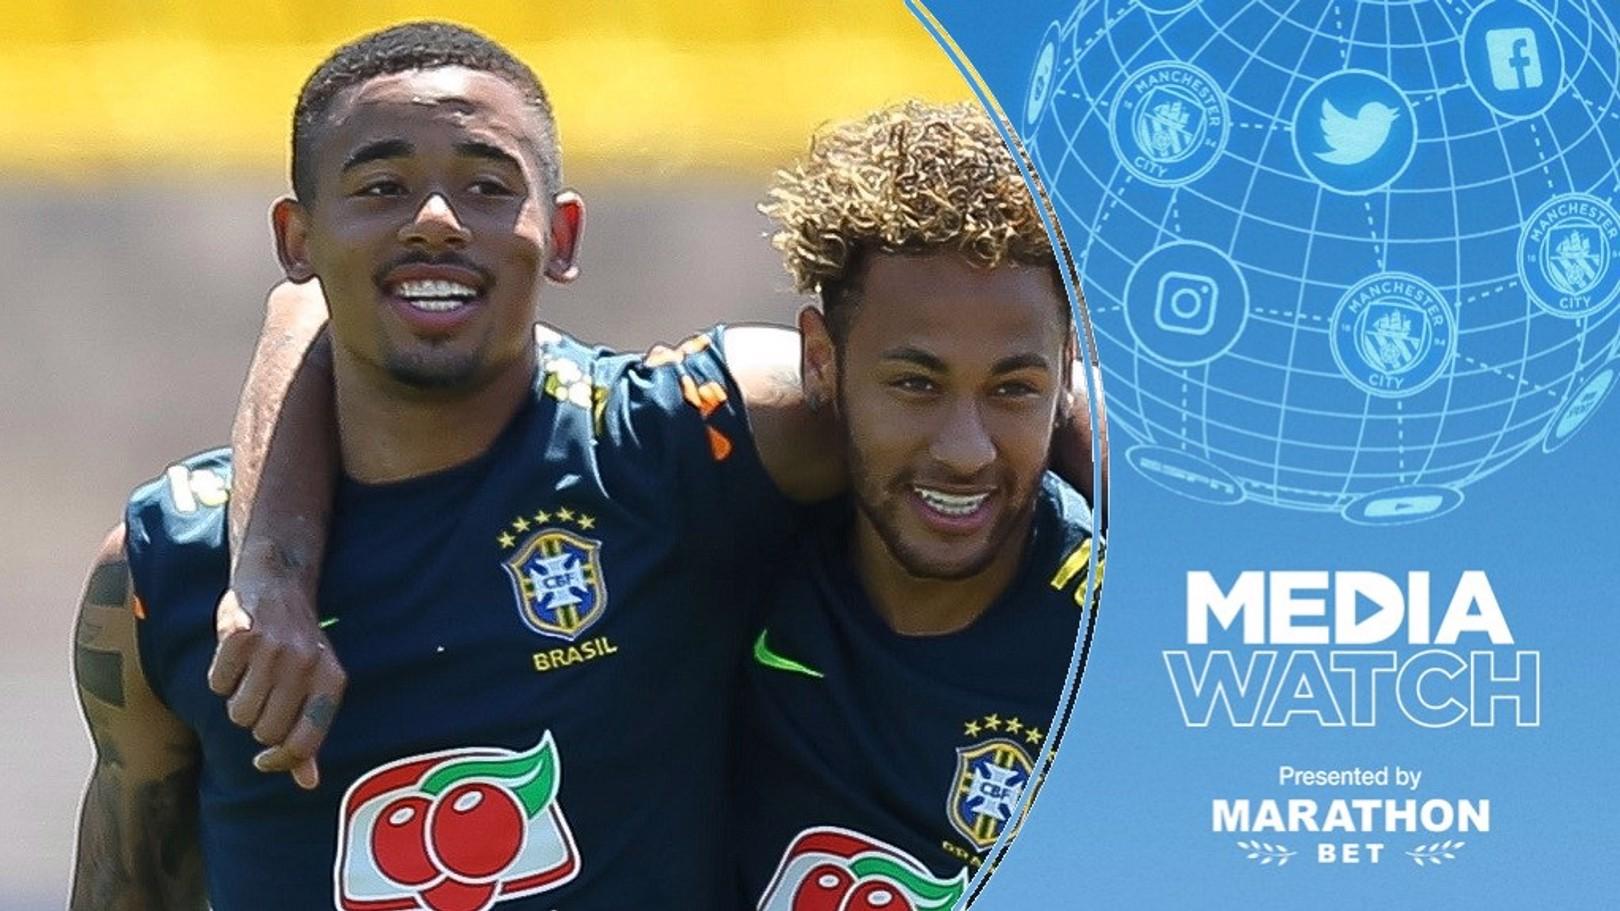 Jesus wants to follow in Neymar's footsteps